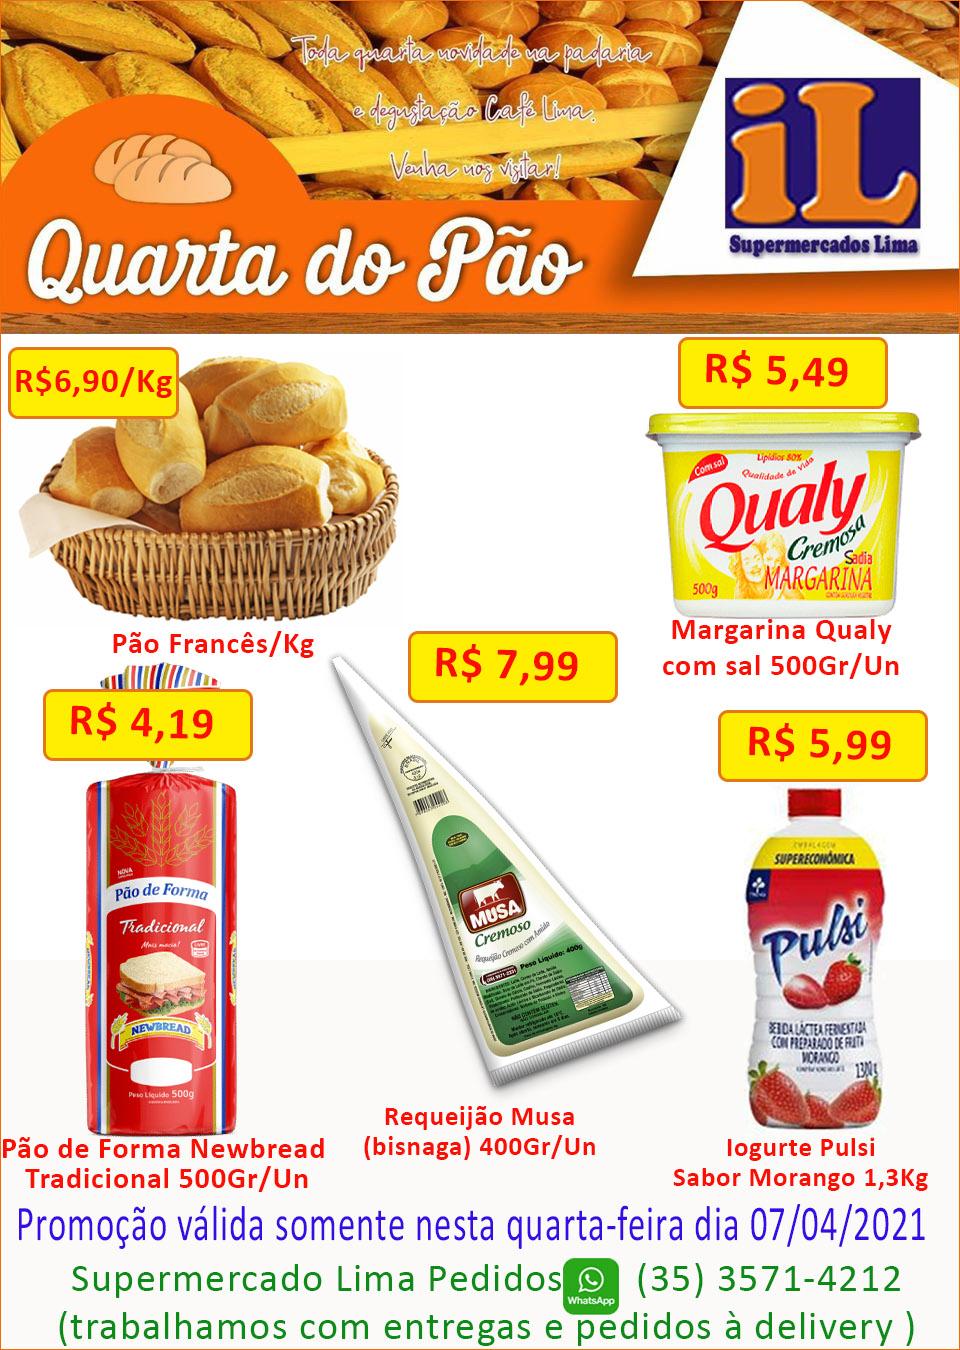 Quarta do Pao070421